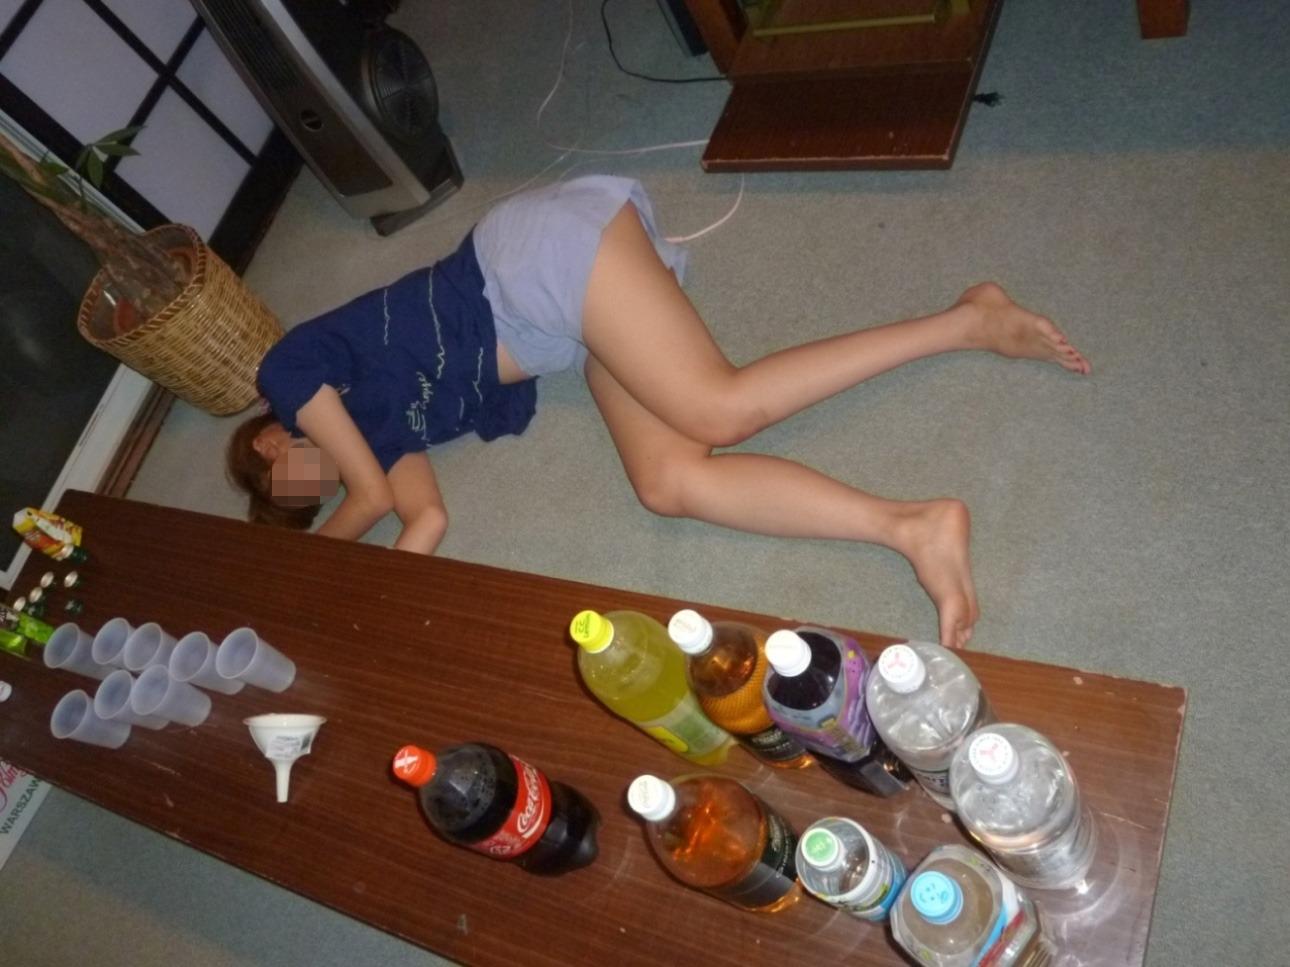 ヤリサーで酒が入ると男女が乱れるエロ画像 vivHzSoAZ6N67Ch